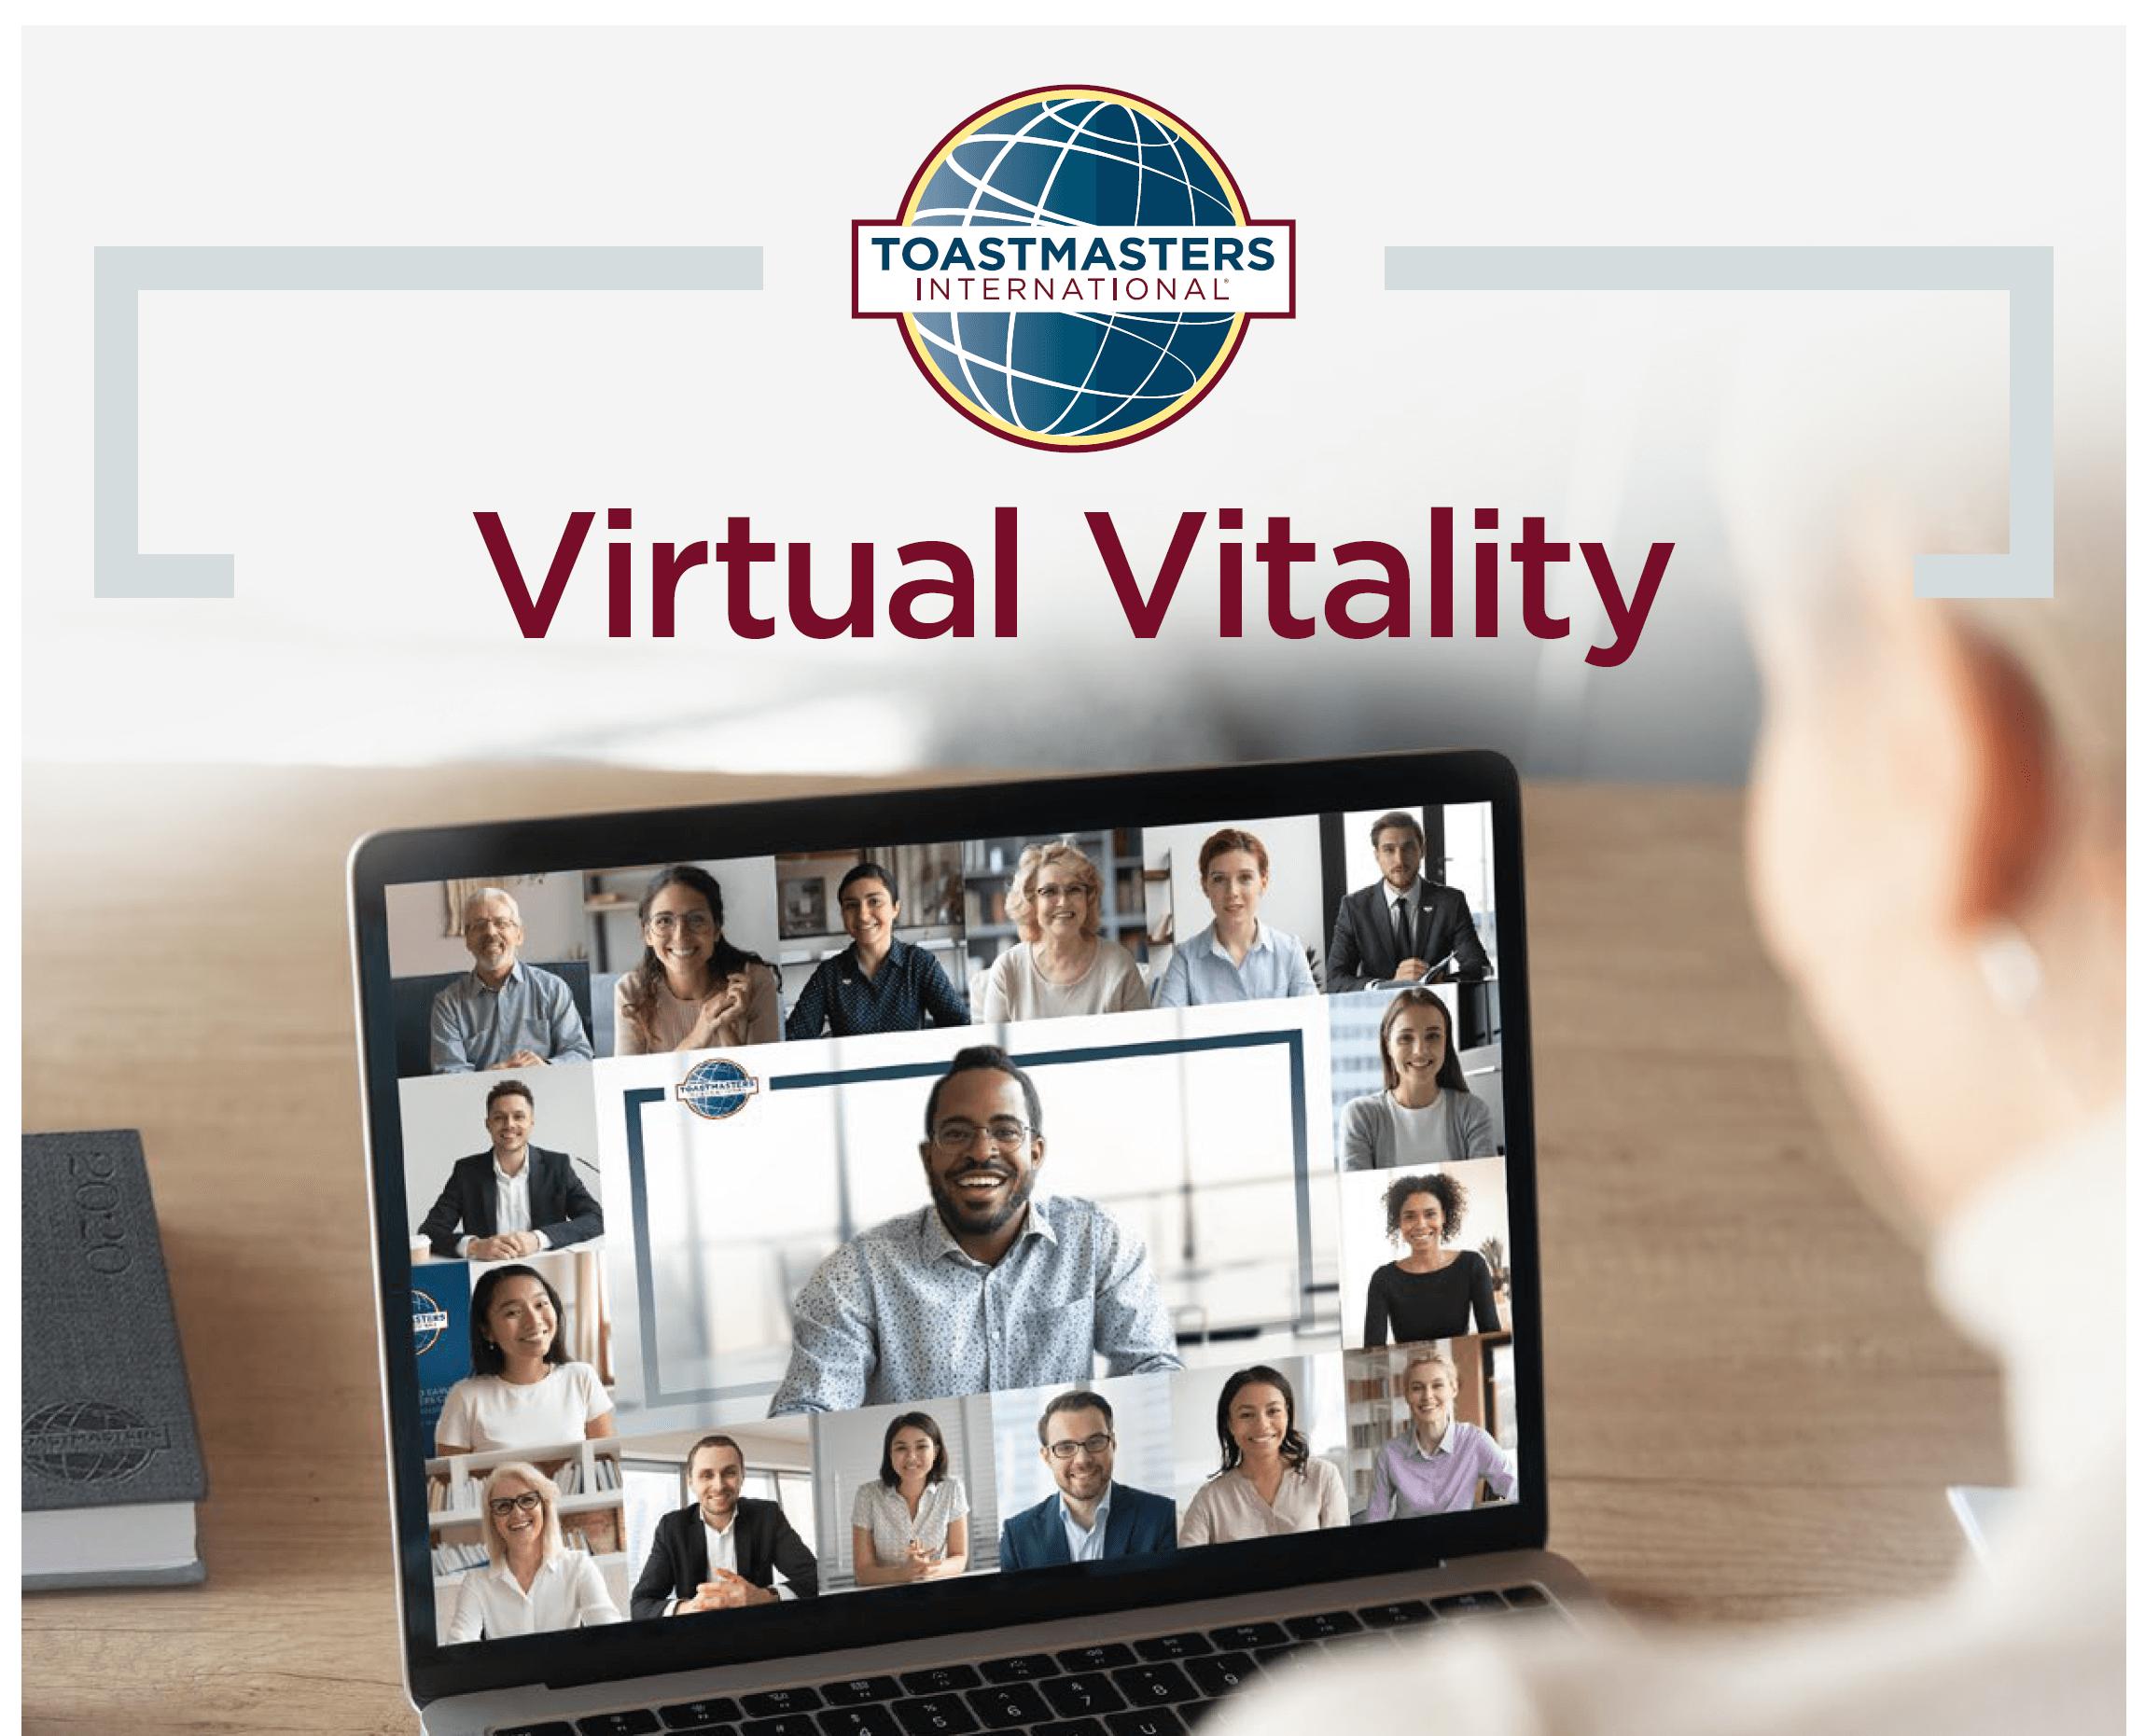 Toastmasters Virtual Vitality